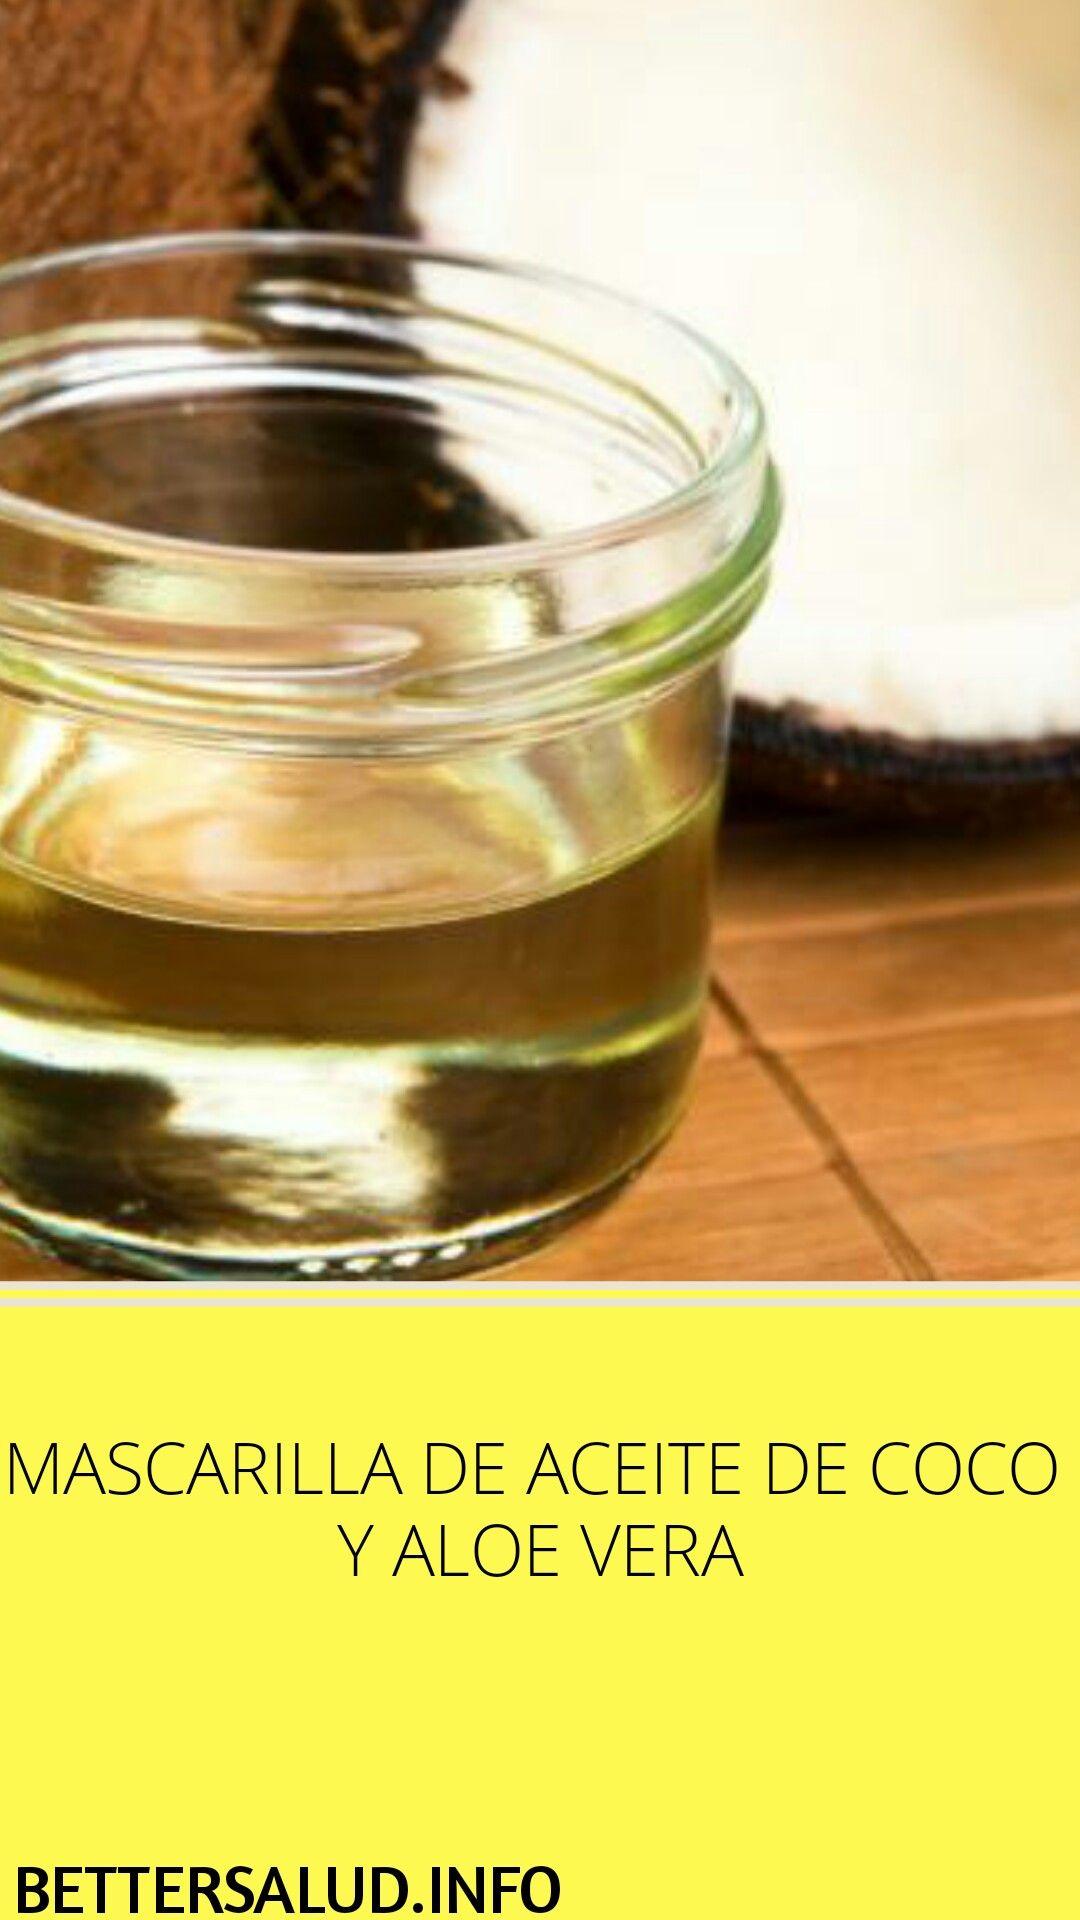 el aceite de aloe vera sirve para la cara